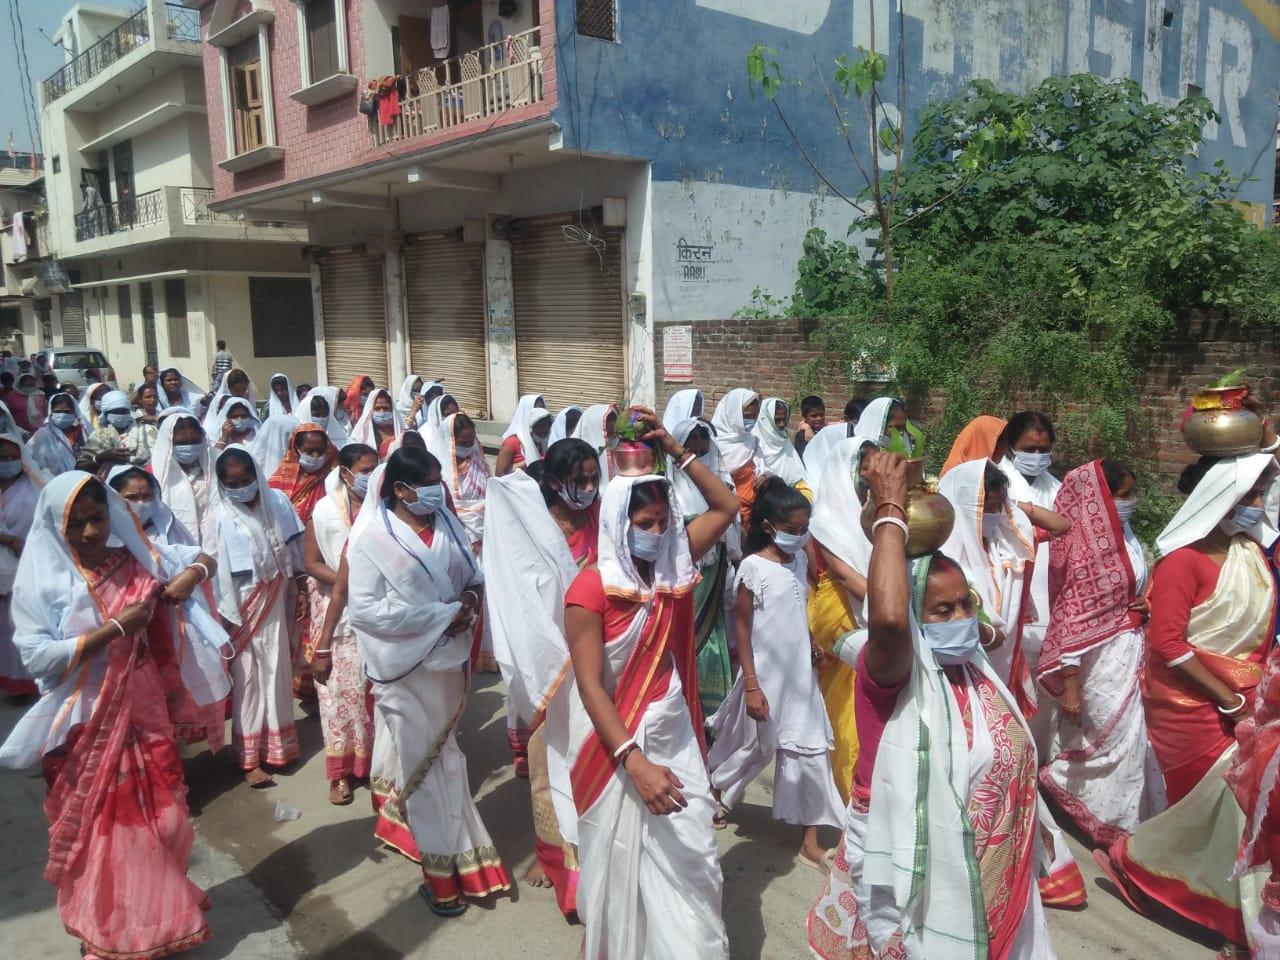 कलश यात्रा के साथ श्री शनि महाराज की वार्षिक पूजा शुरू